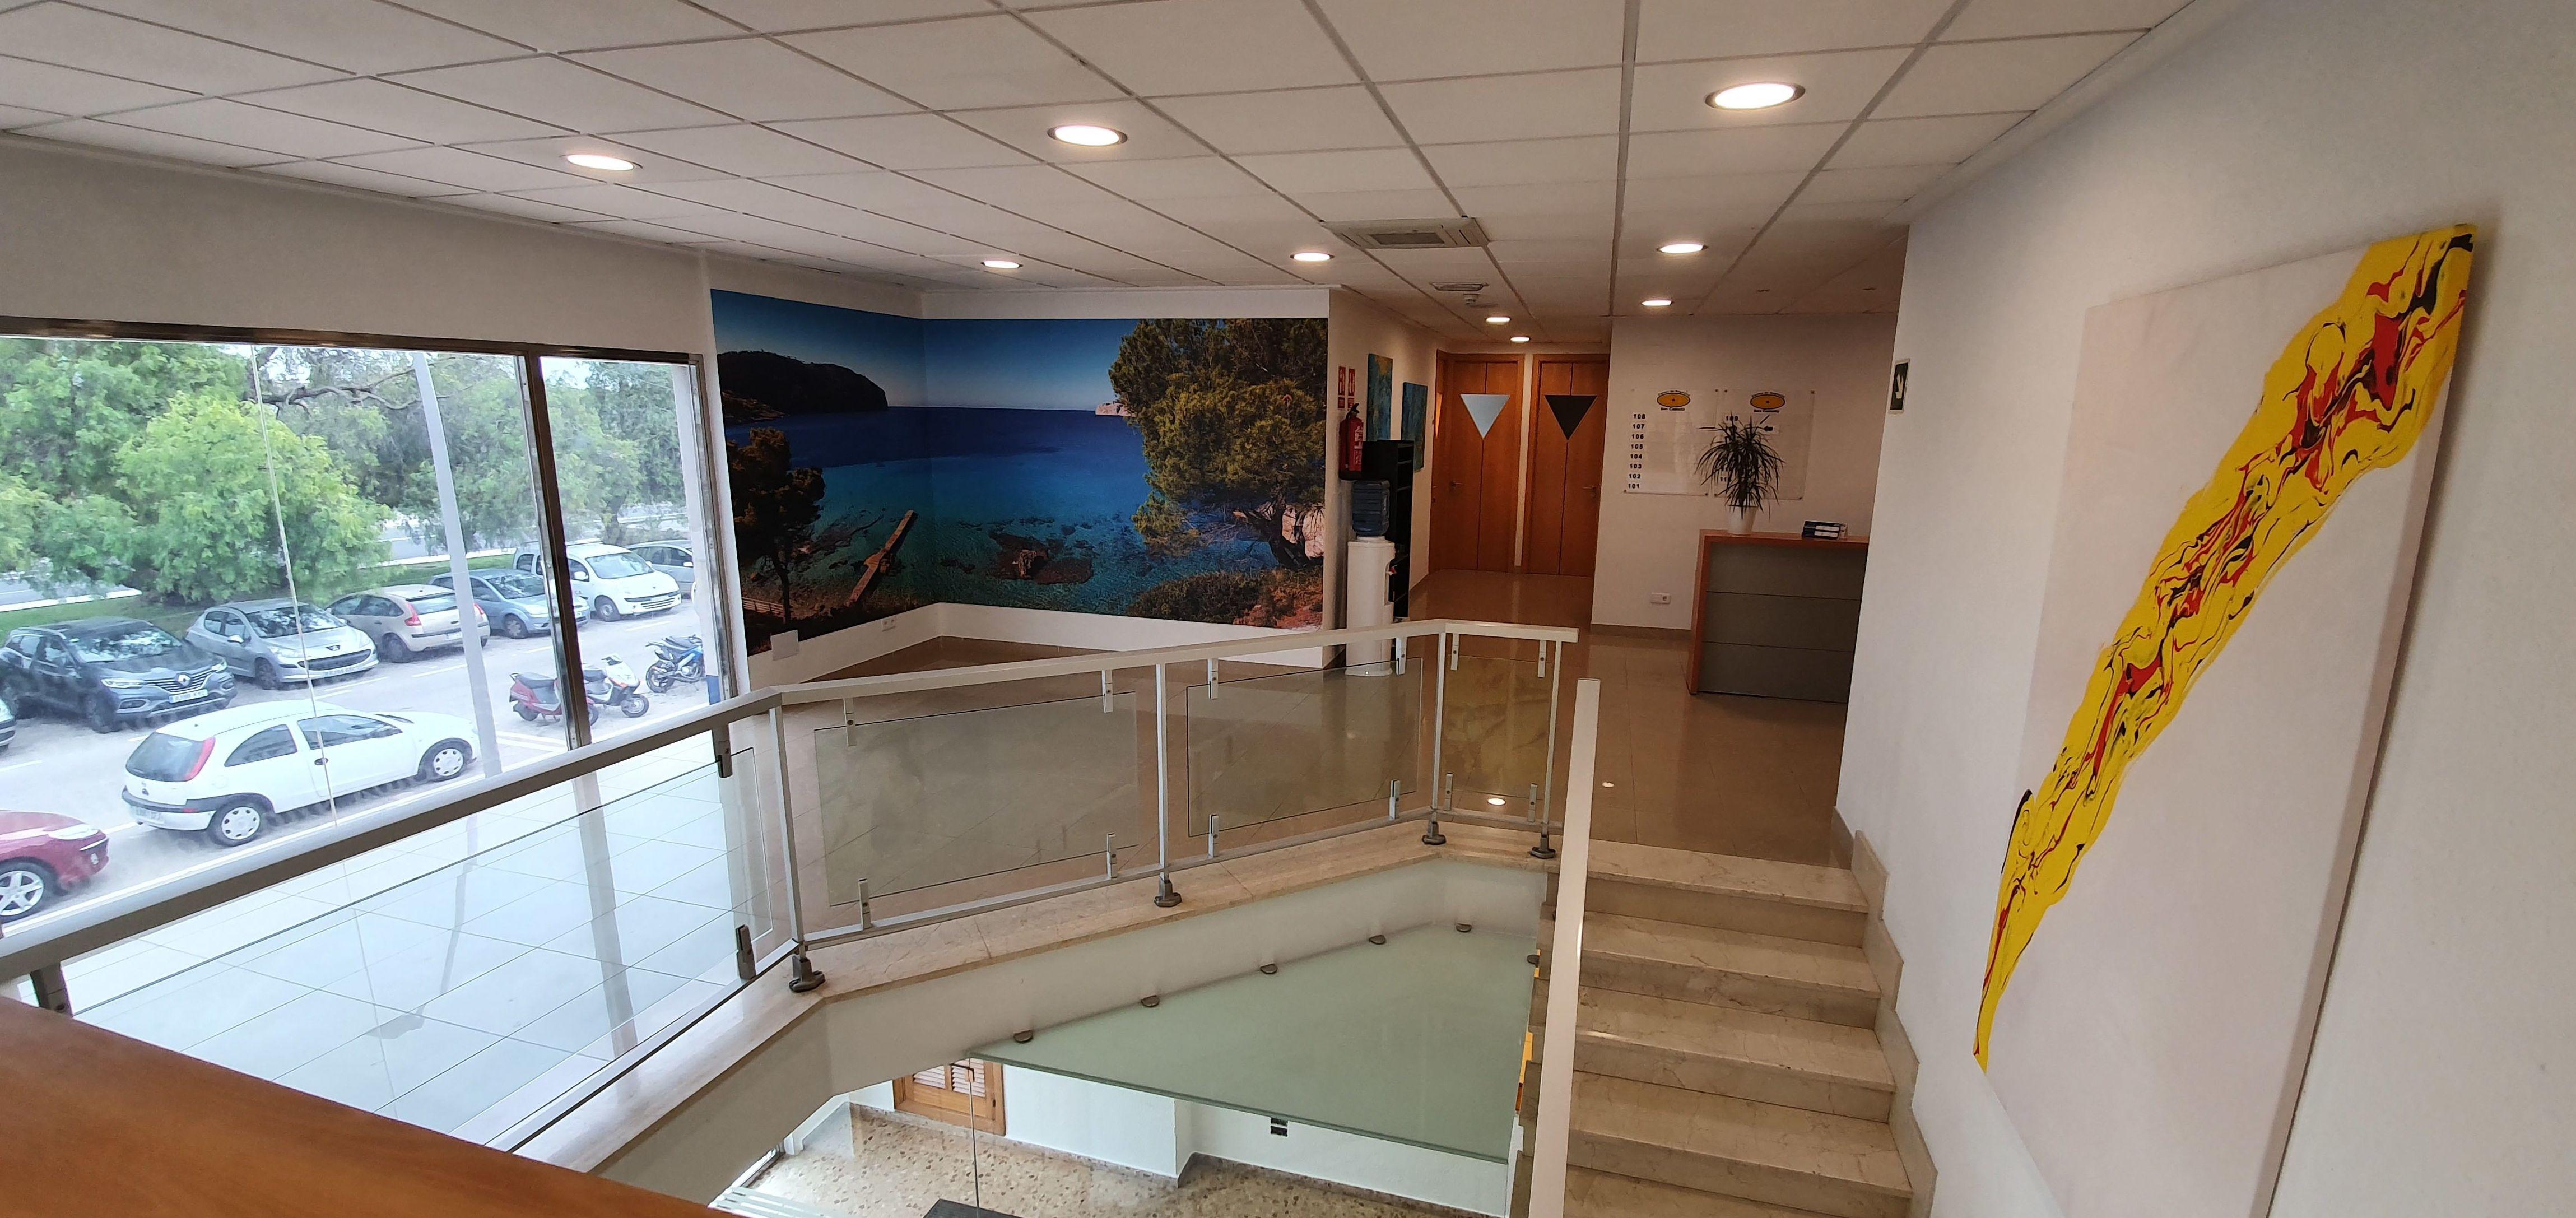 Foto 8 de Alquiler salas totalmente equipadas en Palma de Mallorca   Centro de negocios Son Castelló